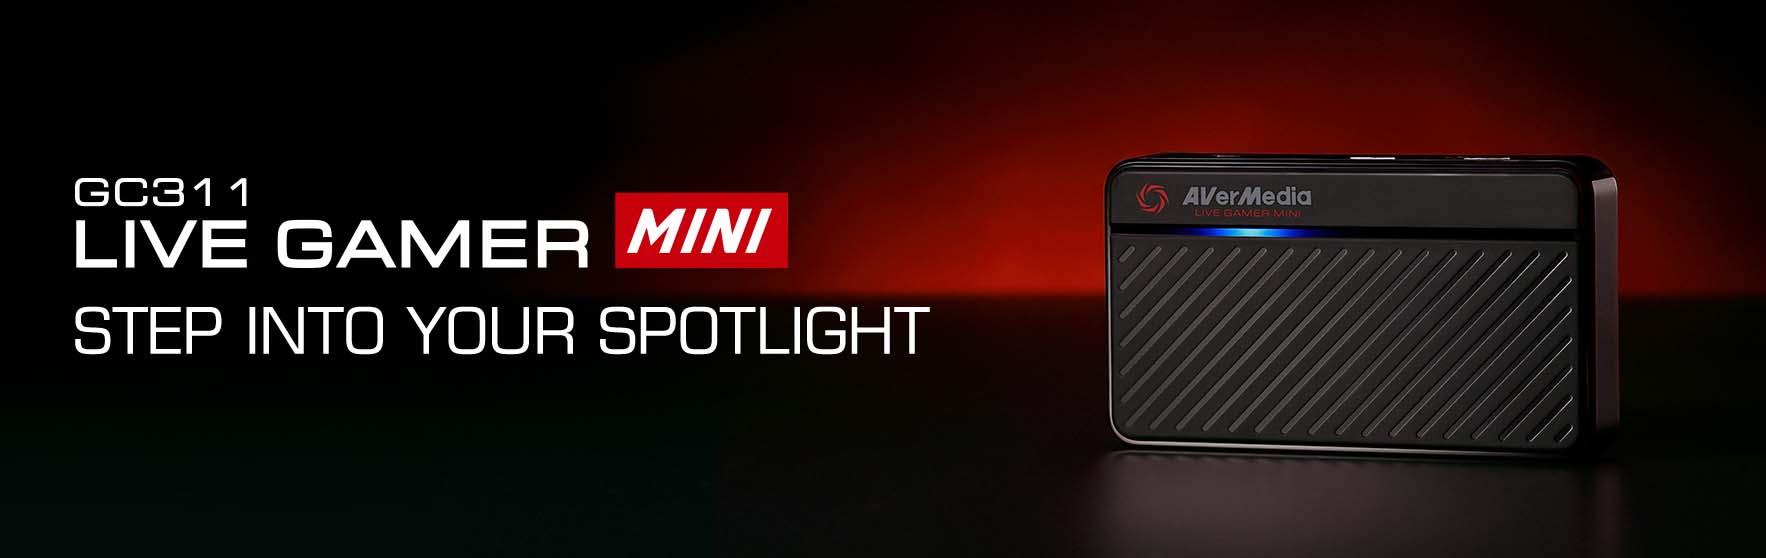 Jual AVerMedia GC311 Live Gamer Mini Harga Terbaik dan Spesifikasi